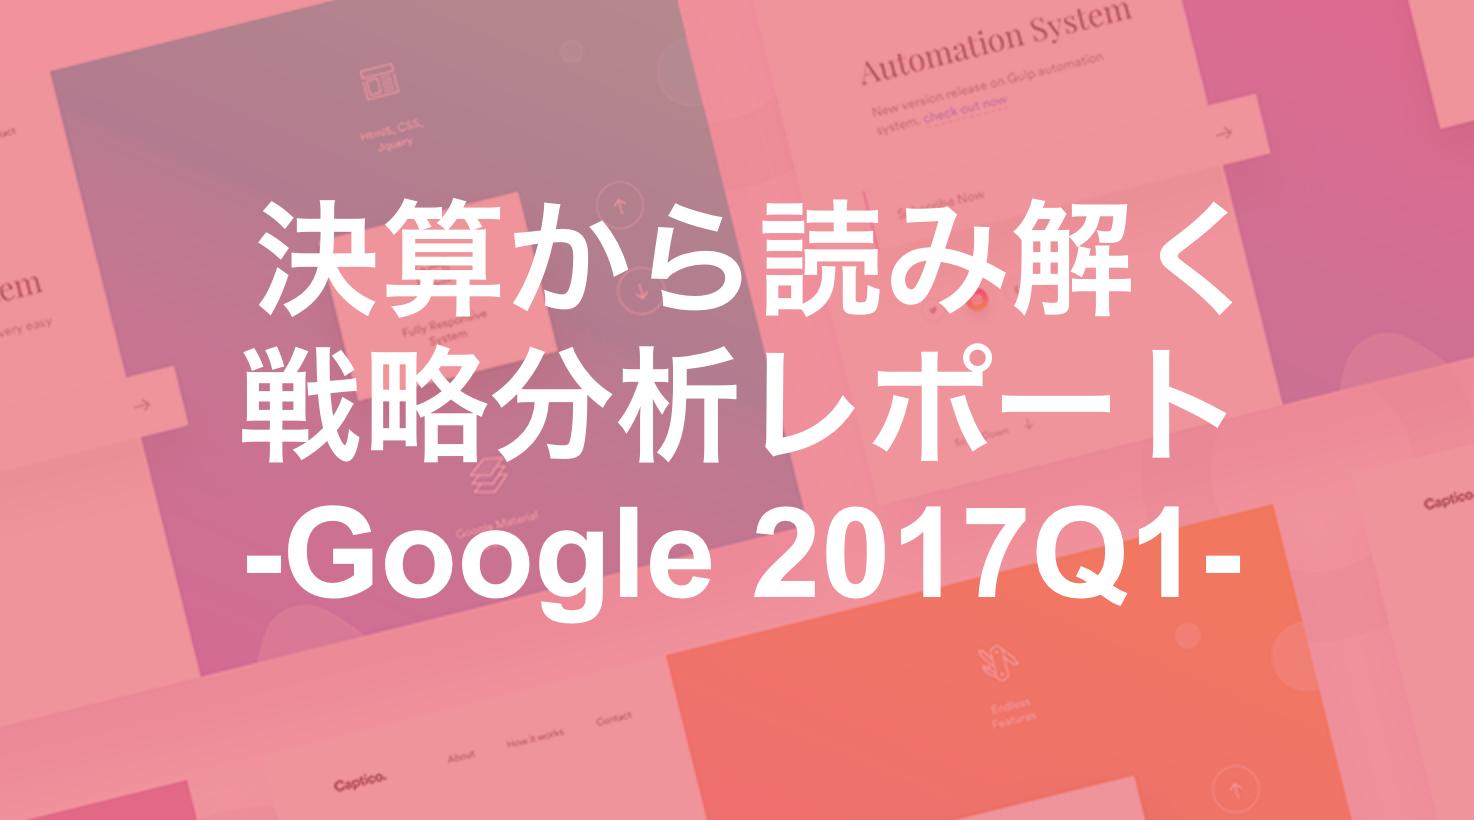 Google 2017Q1 決算から読み解く戦略分析レポート